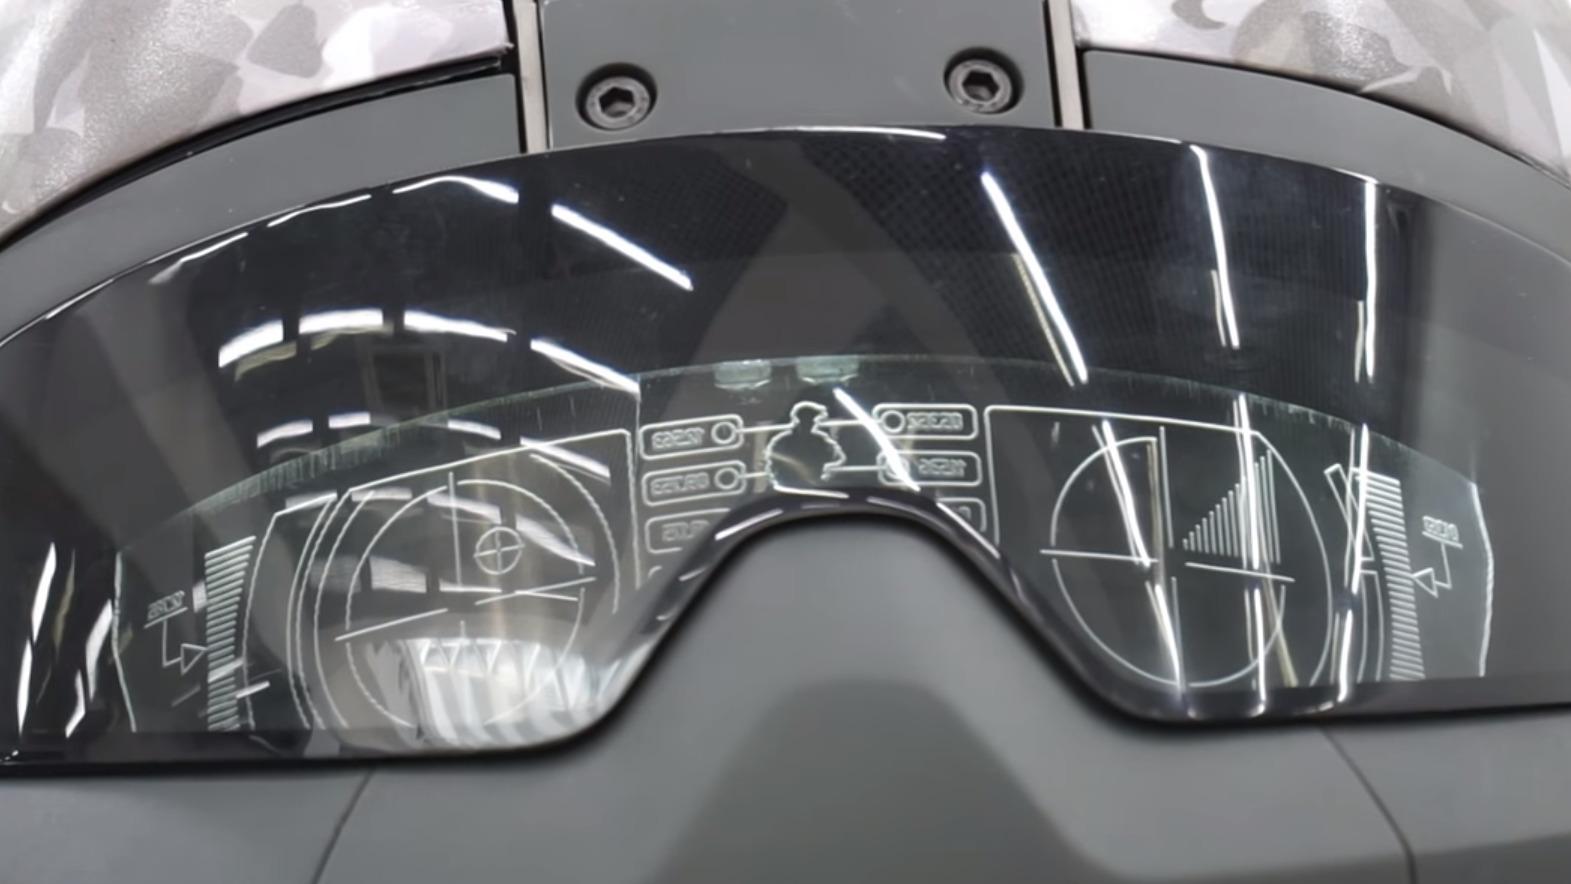 Hjelmene kan tilsynelatende vise digital informasjon på innsiden.